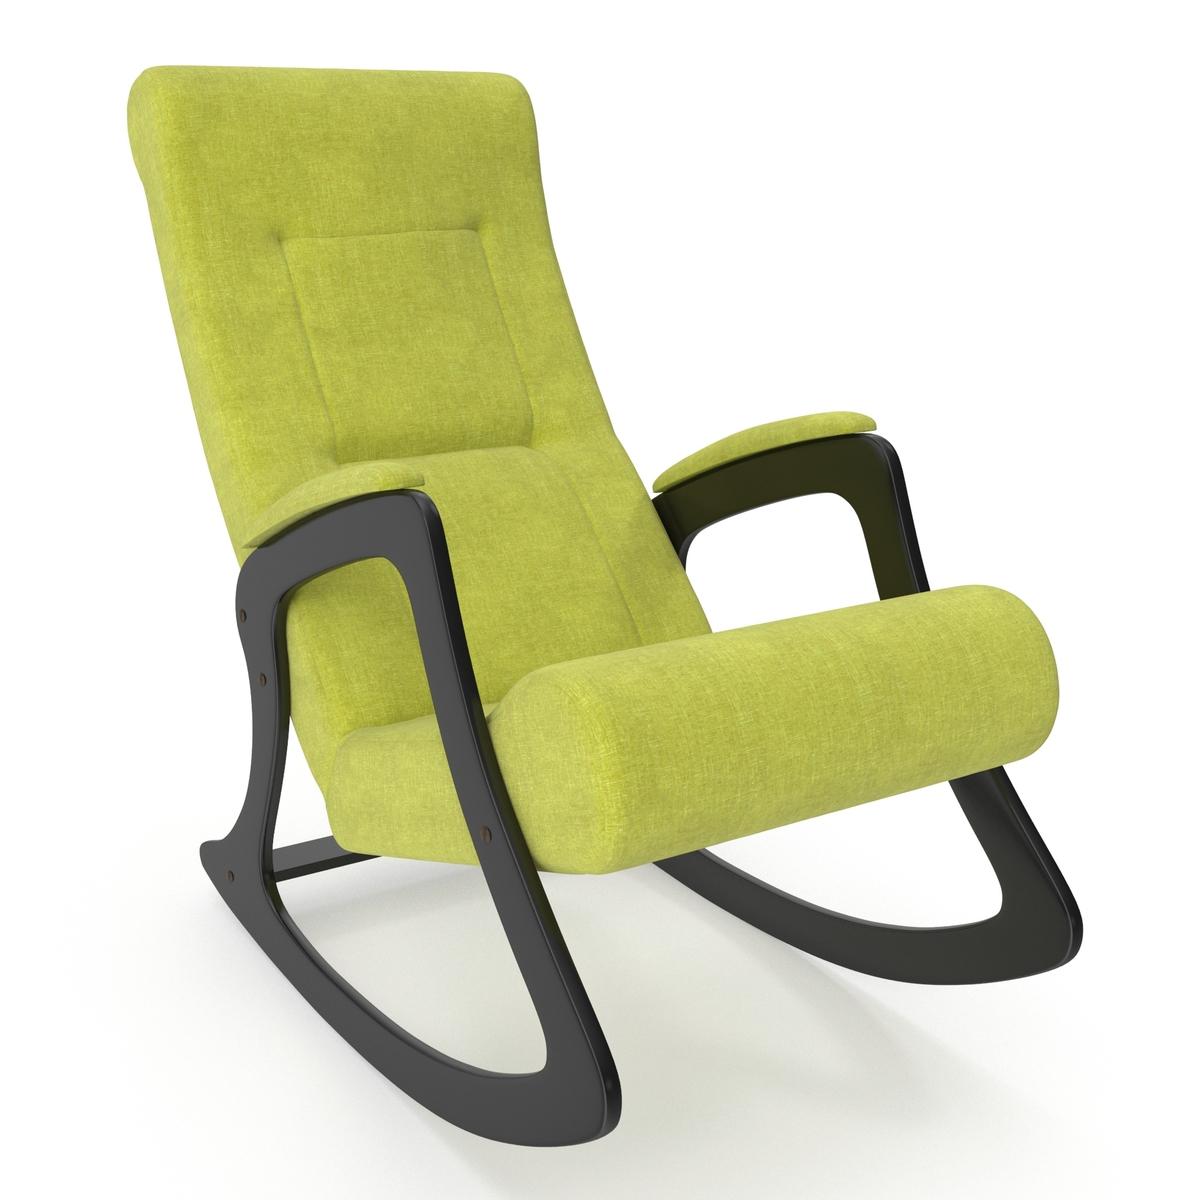 Кресло-качалка, модель 2 Кресло-качалка, модель 2 (13571) фото